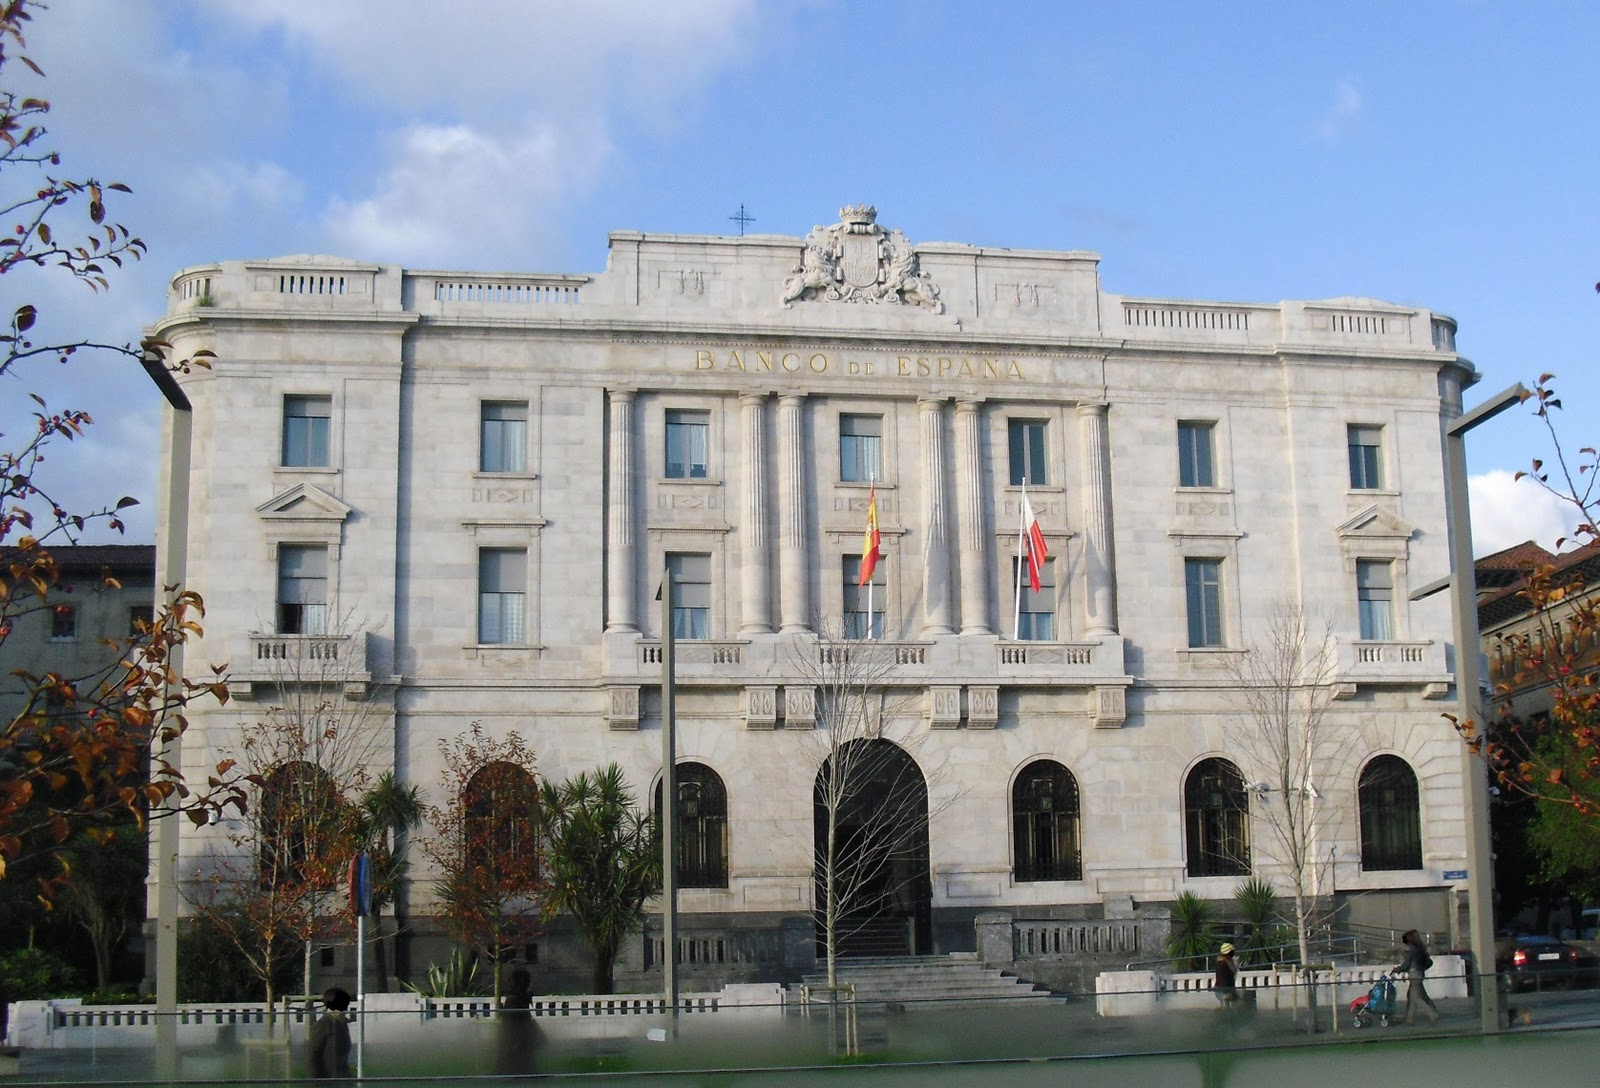 La ciudad habla plaza de alfonso xiii en santander for Banco santander abierto sabado madrid